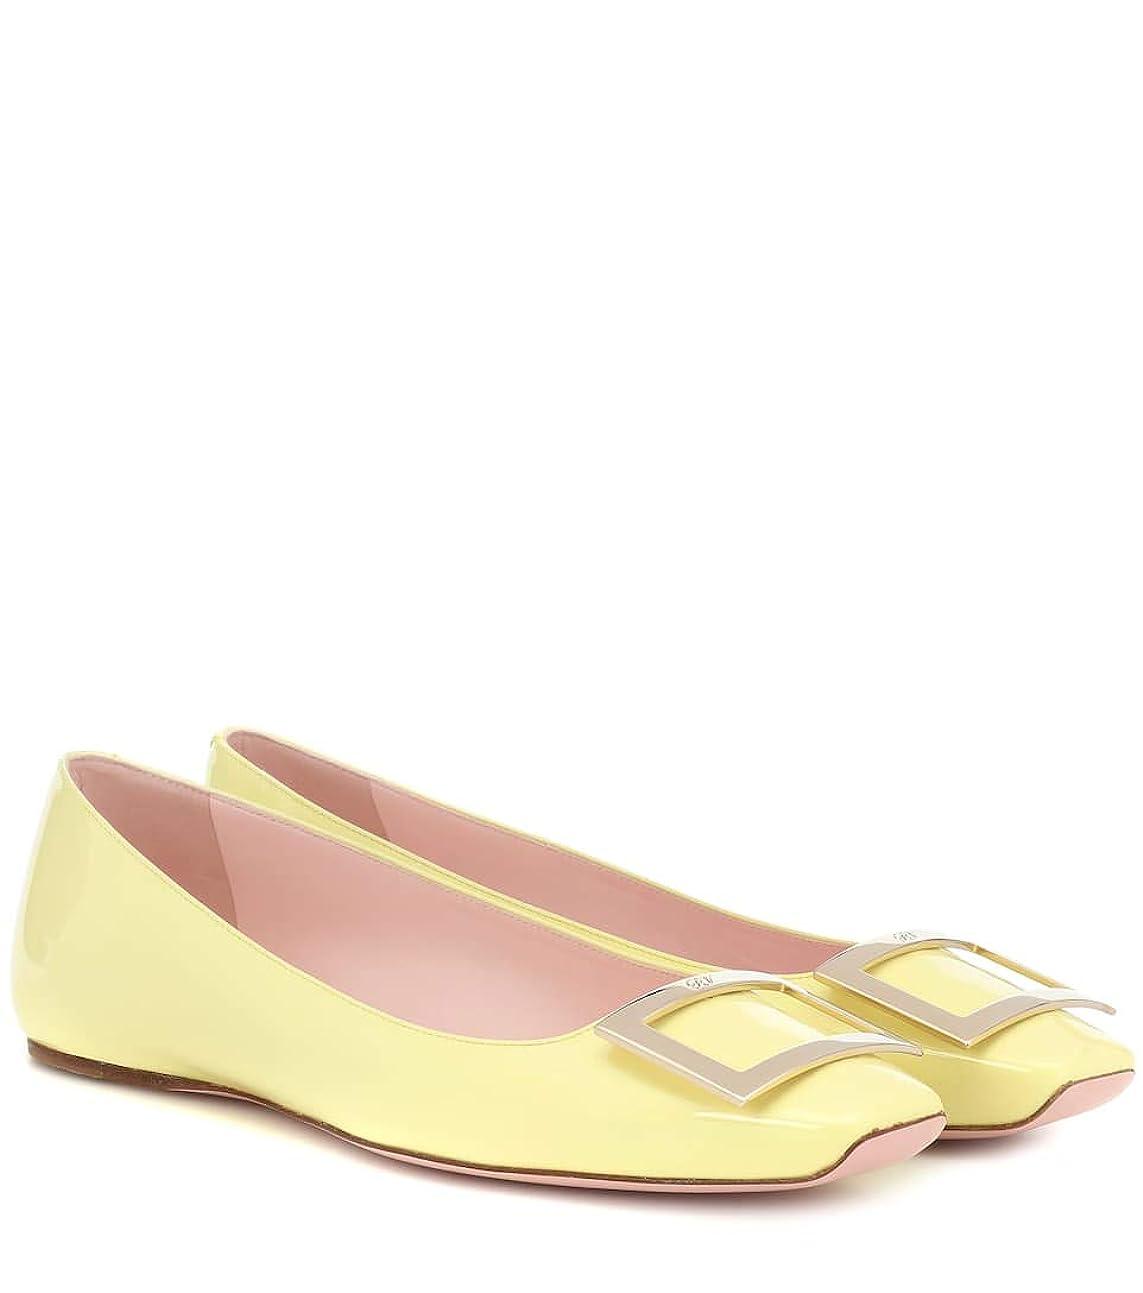 遺体安置所符号絡み合い[ロジェ ヴィヴィエ] レディース シューズ 靴 スリッポン フラット Belle Vivier patent leather ballet flats Giallo Narciso (並行輸入品)